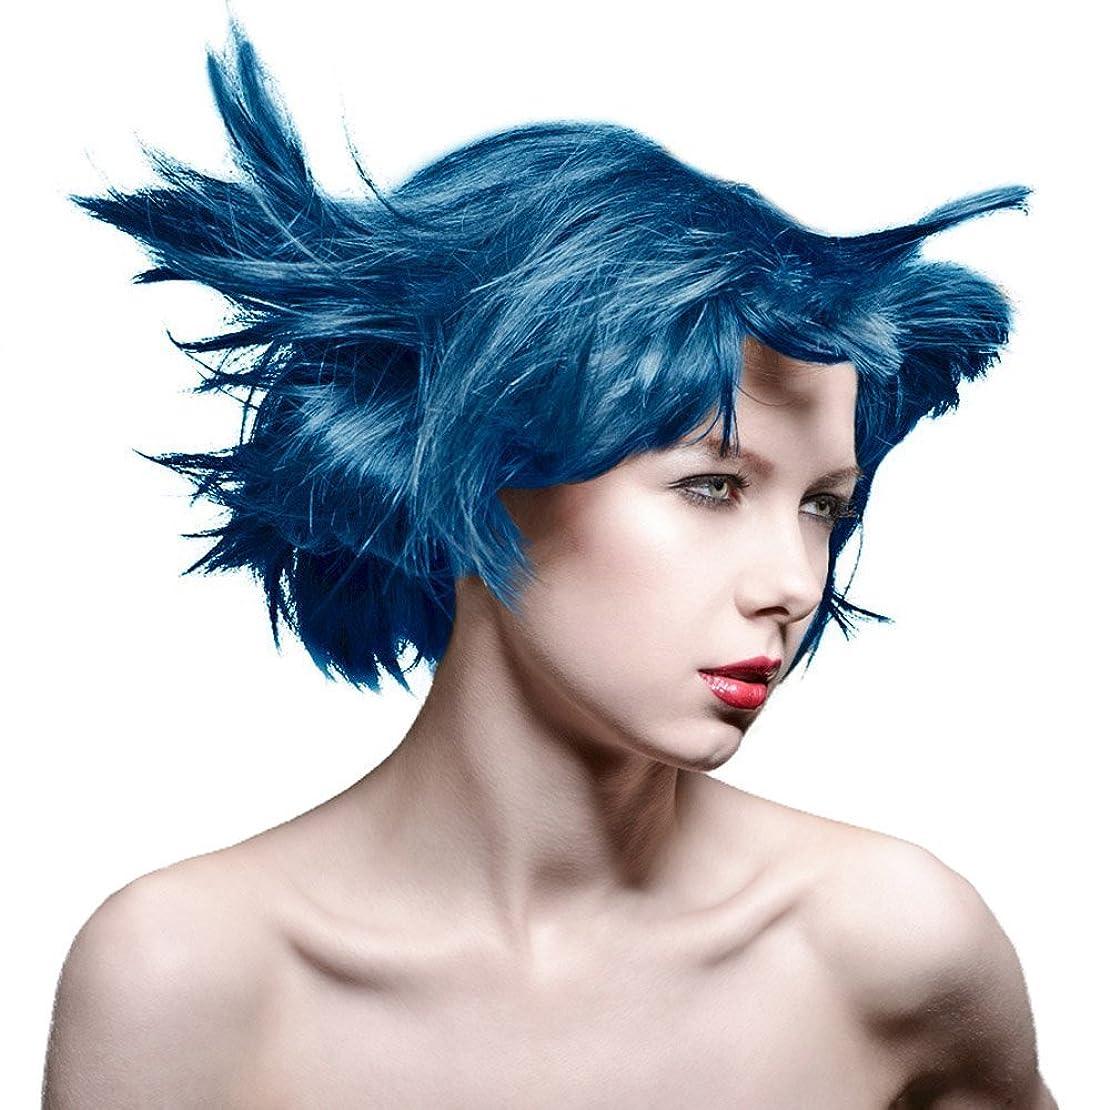 叱るミリメーター姿勢MANIC PANIC Amplified Semi-Permanent Hair Color - Voodoo Blue